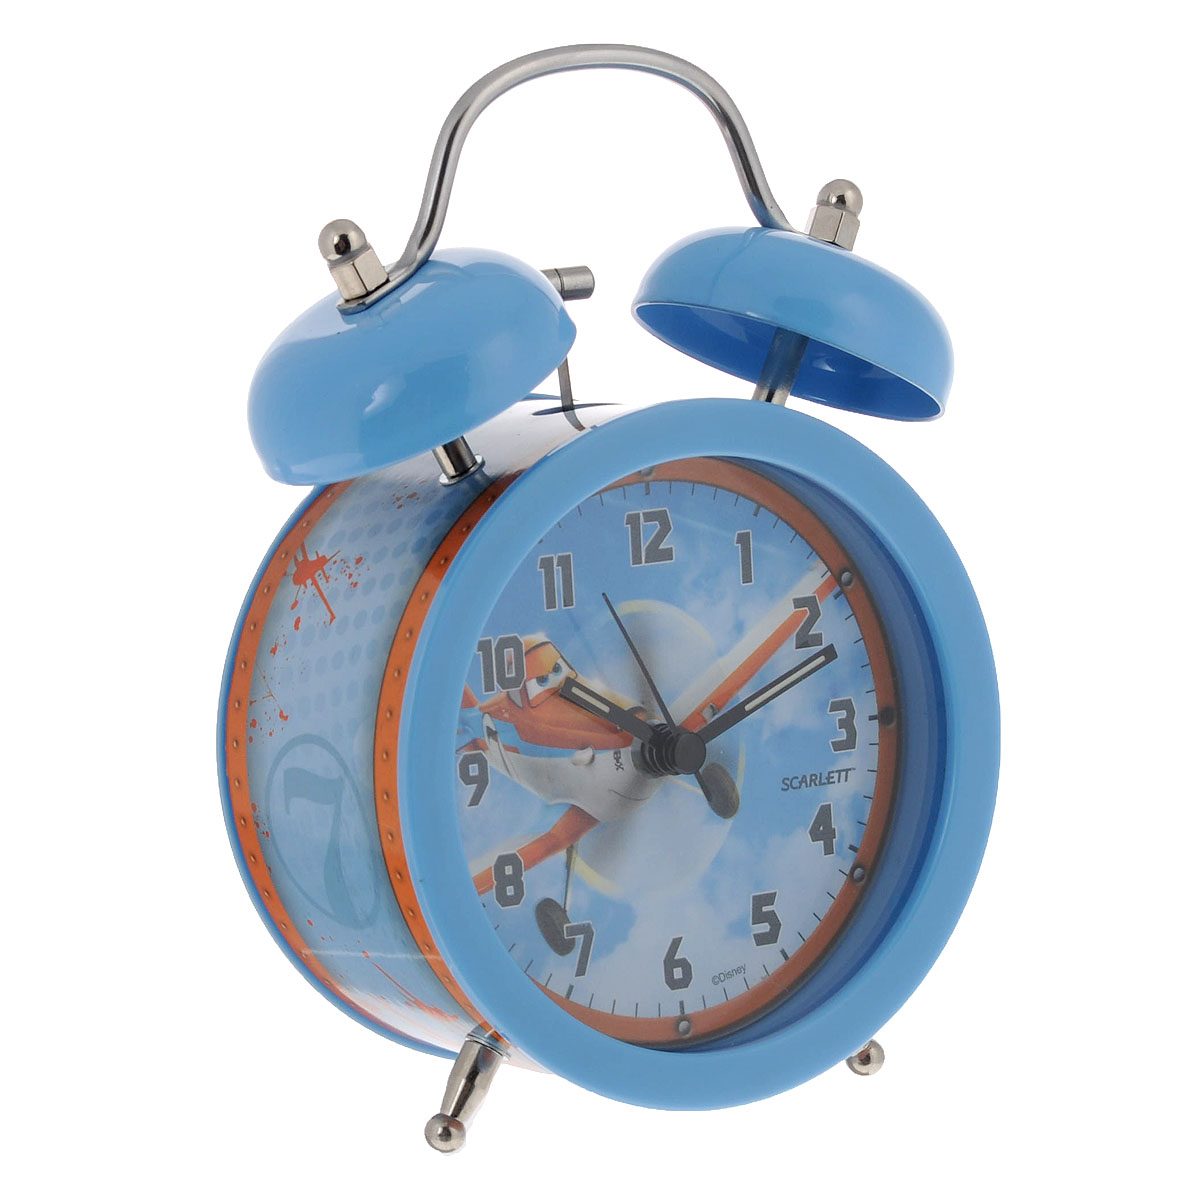 Будильник Scarlett Самолеты, цвет: голубой. SC-ACD05PL95544Будильник Scarlett Тачки с надежным кварцевым механизмом - это не только функциональное устройство, но и оригинальный элемент декора, который великолепно впишется в интерьер детской комнаты. Он снабжен четырьмя стрелками: часовой, минутной, секундной и стрелкой завода. Циферблат оформлен изображением Дасти из мультфильма Самолеты.Сверху будильника располагается механический звонок.Время включения будильника устанавливается колесиком, затем необходимо перевести переключатель в положение On. Сигнал будильника механический, работает до его отключения. Для этого необходимо перевести переключатель в положение Off.Отличительной особенностью этого будильника является то, что он обладает плавным, бесшумным ходом. В комплект входит инструкция по эксплуатации на русском языке.Порадуйте своего ребенка таким замечательным подарком!Не рекомендуется детям до 3-х лет.Необходимо докупить 1 батарейку напряжением 1,5V типа АА (не входит в комплект).